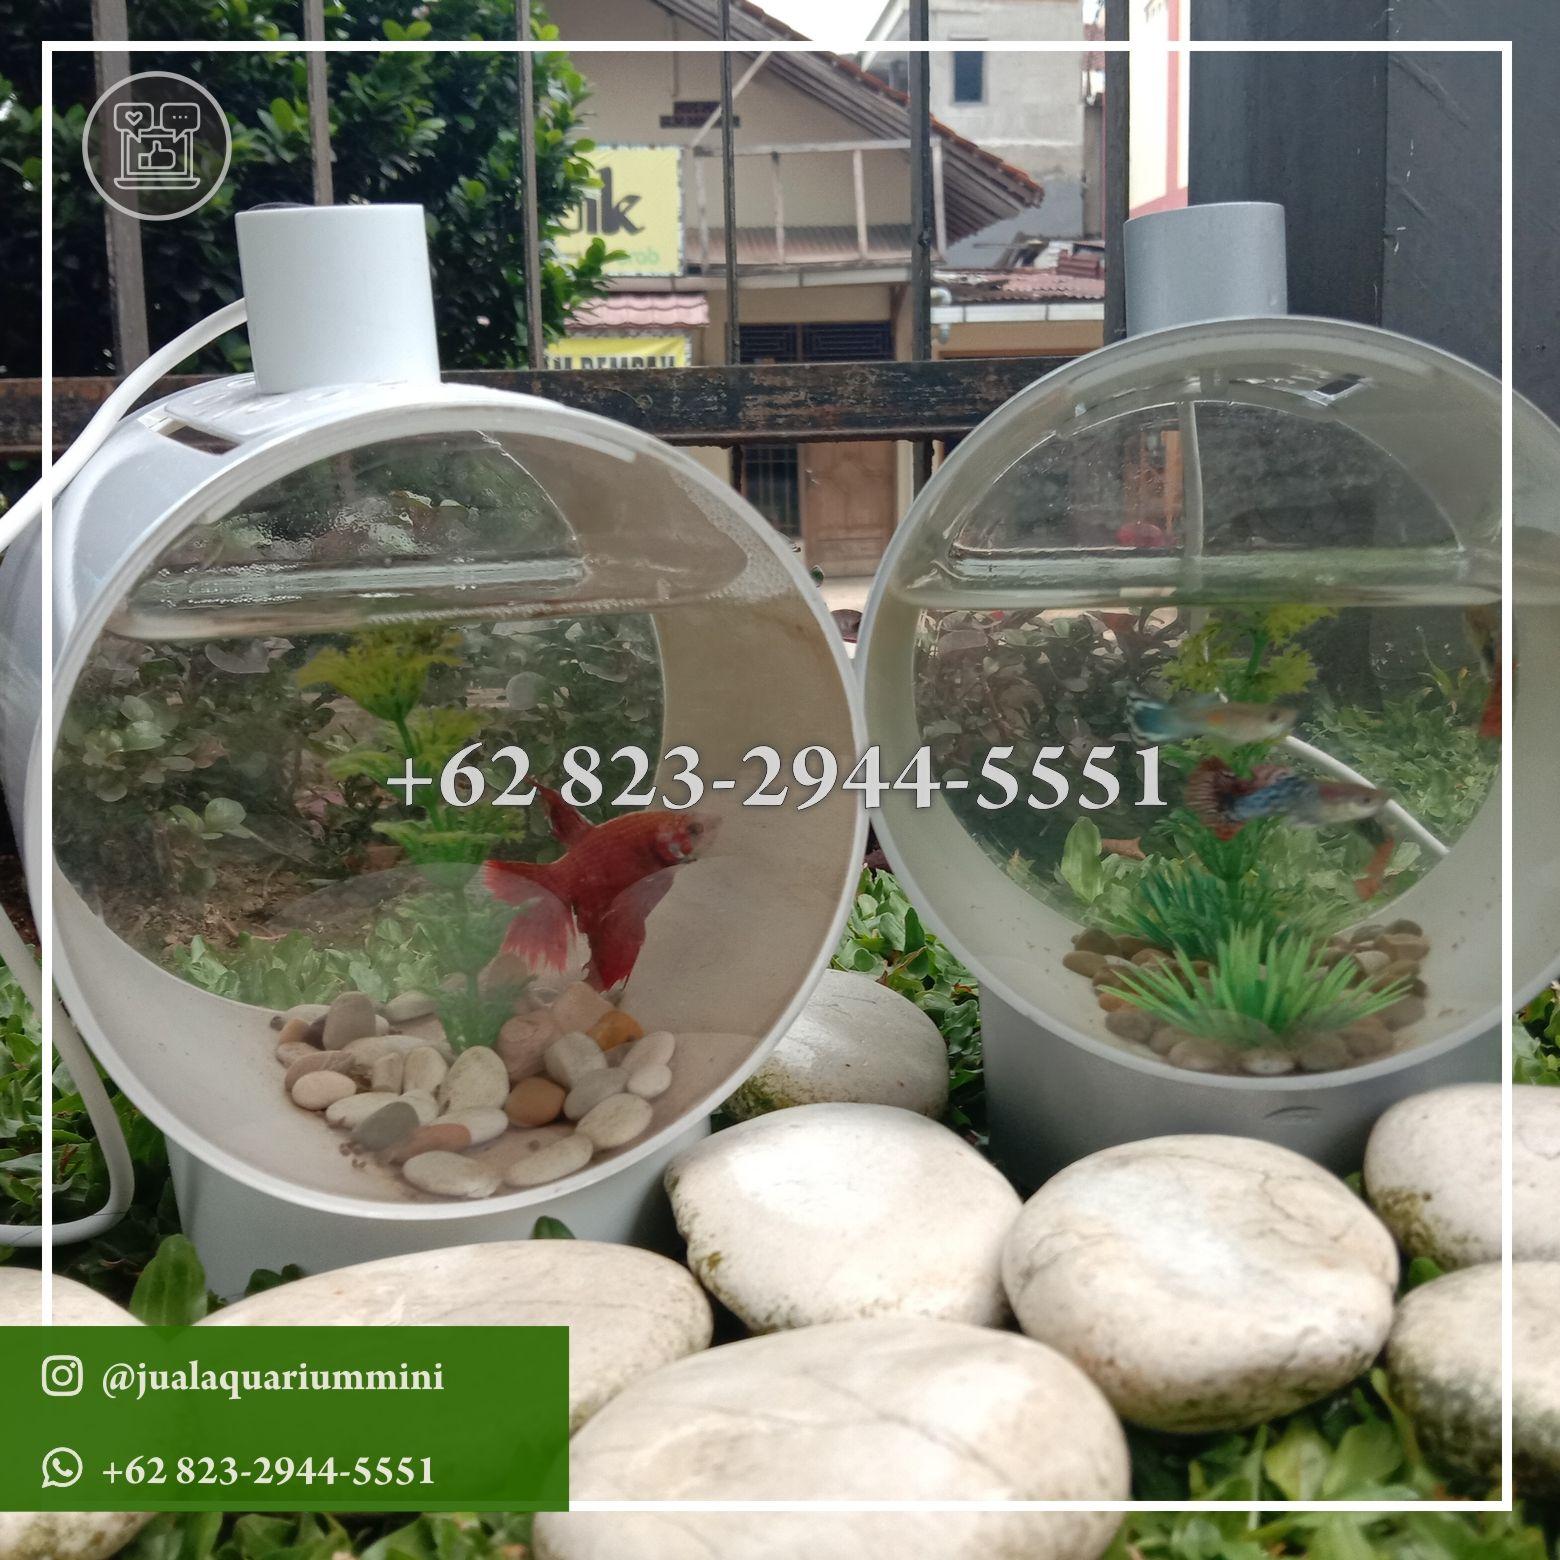 Wa 62 823 2944 5551 Jual Aquarium Mini Bandung Di 2020 Aquarium Hiasan Air Tawar